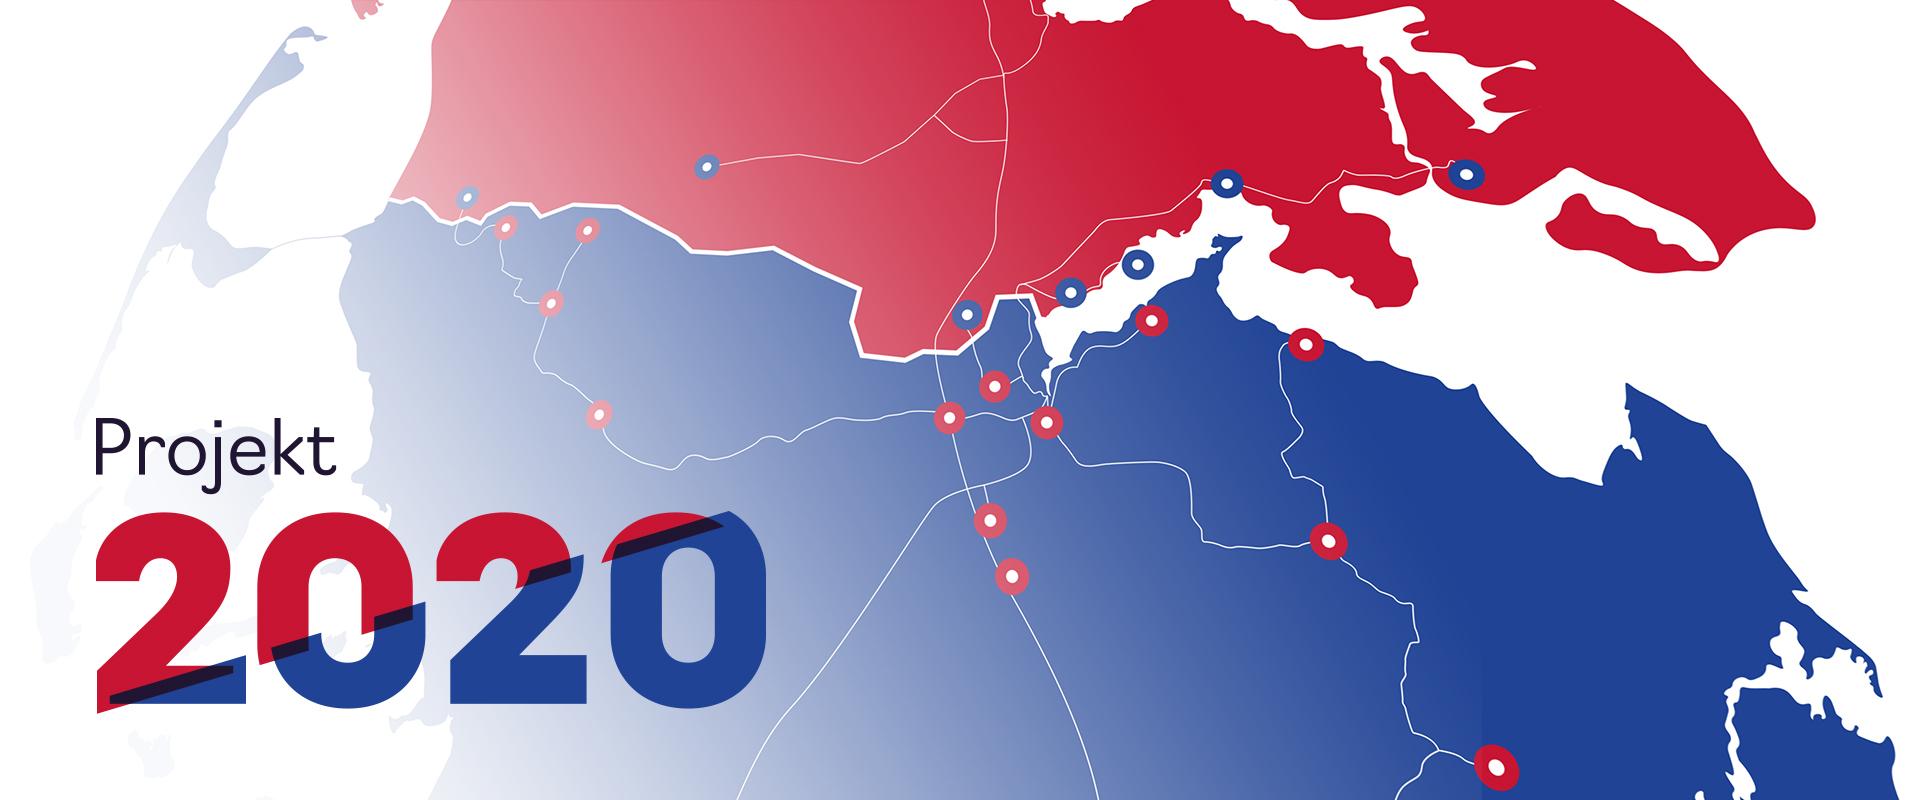 Projekt 2020 - Abschlussfilm